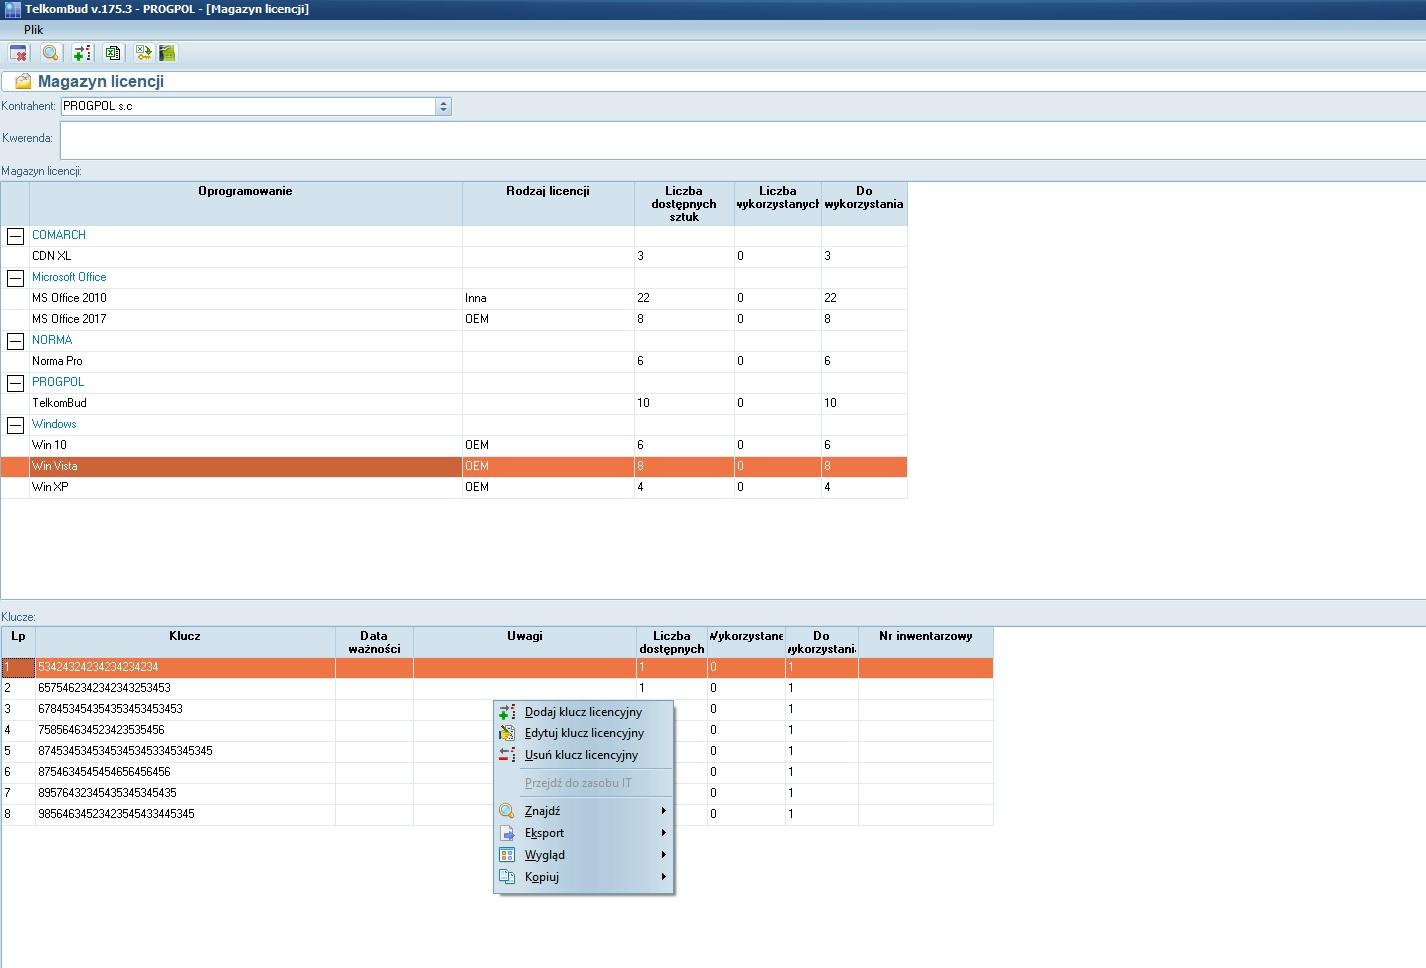 Okno Magazyn licencji w module informatyka systemu TelkomBud